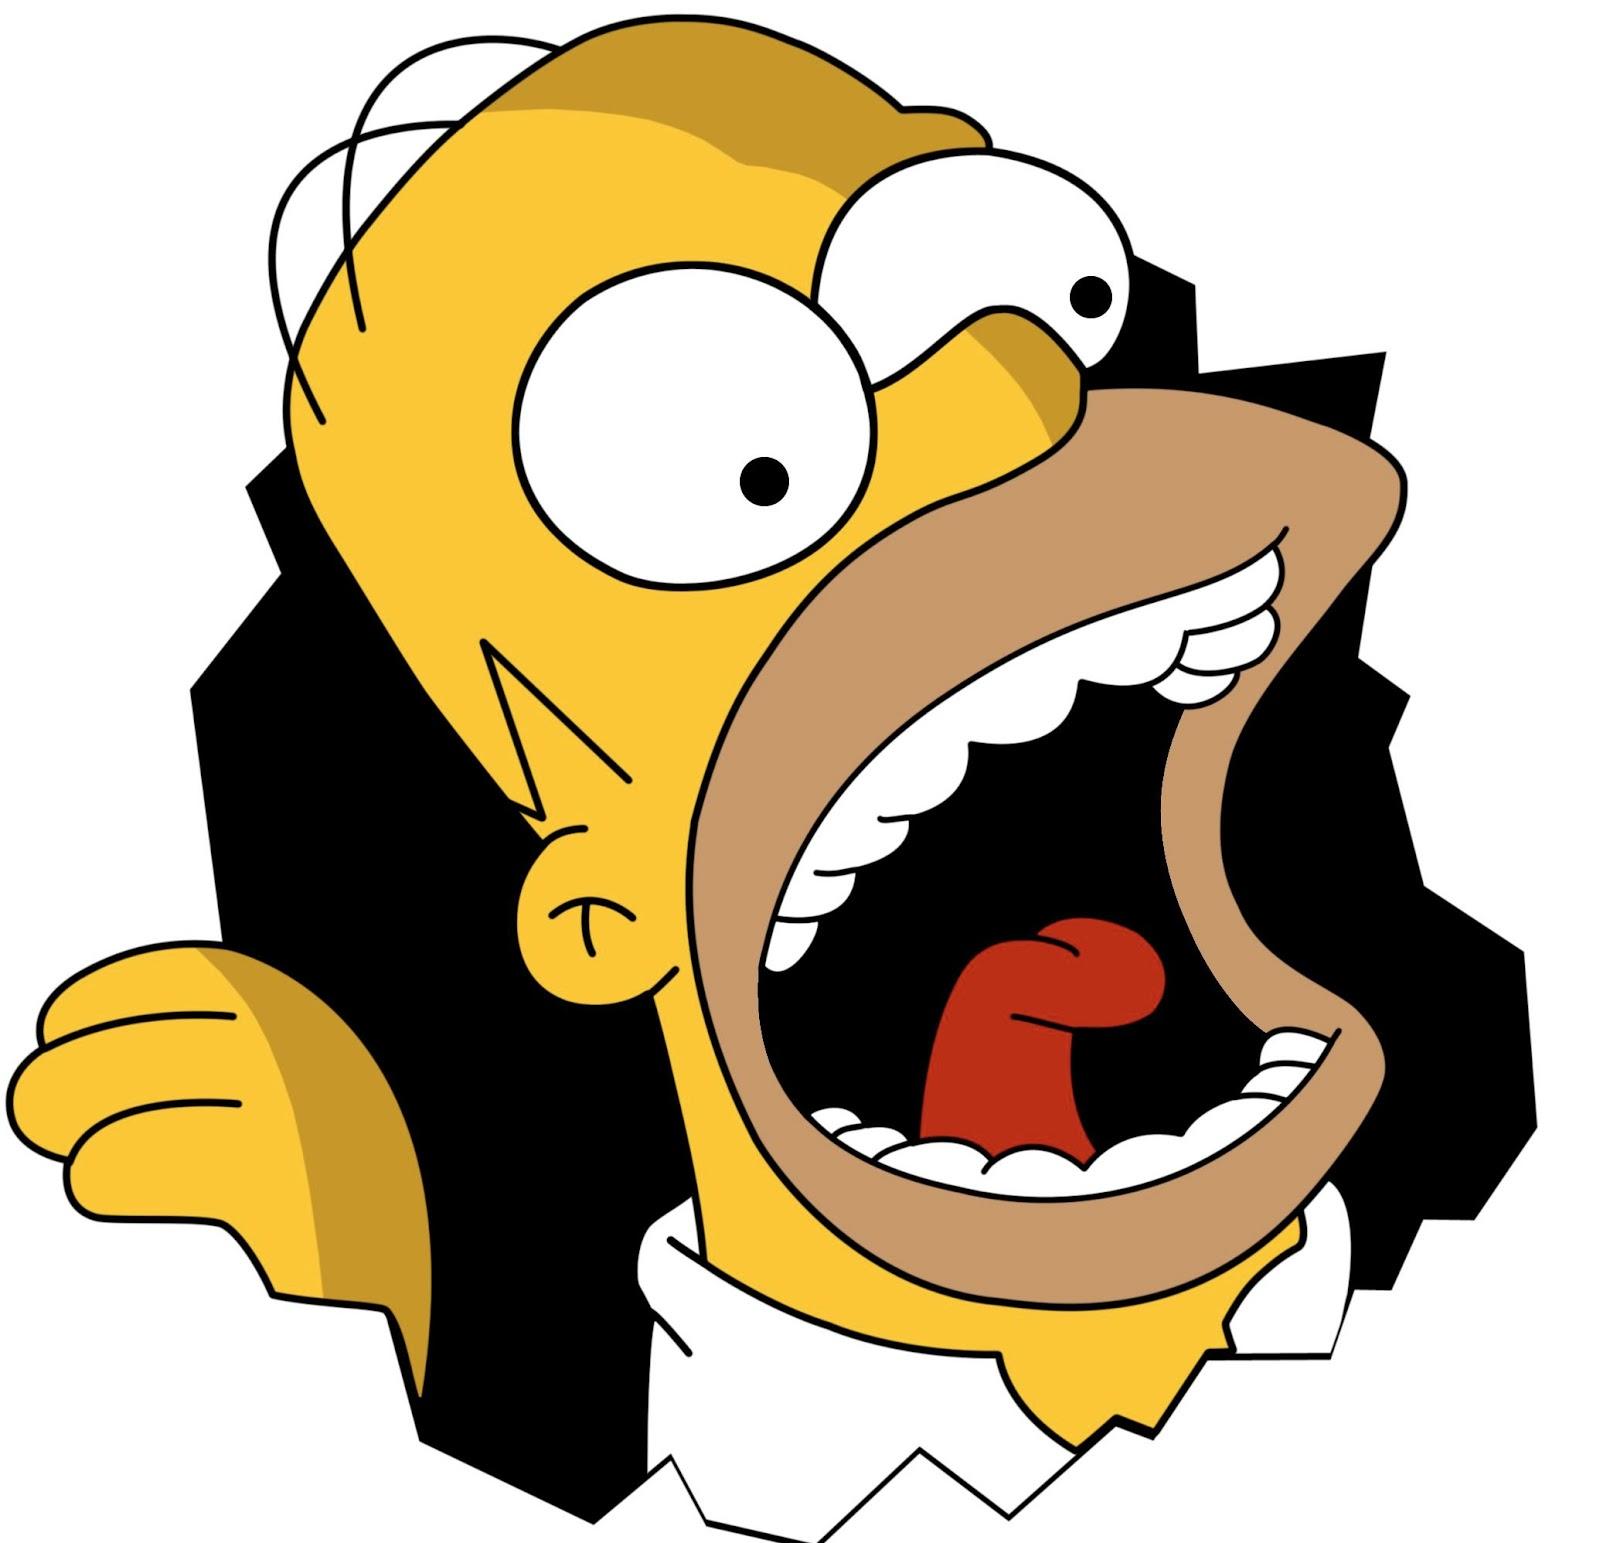 http://3.bp.blogspot.com/-l-LXM5mnU4A/TpPy91iT00I/AAAAAAAAJiI/8Az_RqZwnG4/s1600/Homer+Homero+Simpson+HD.jpg